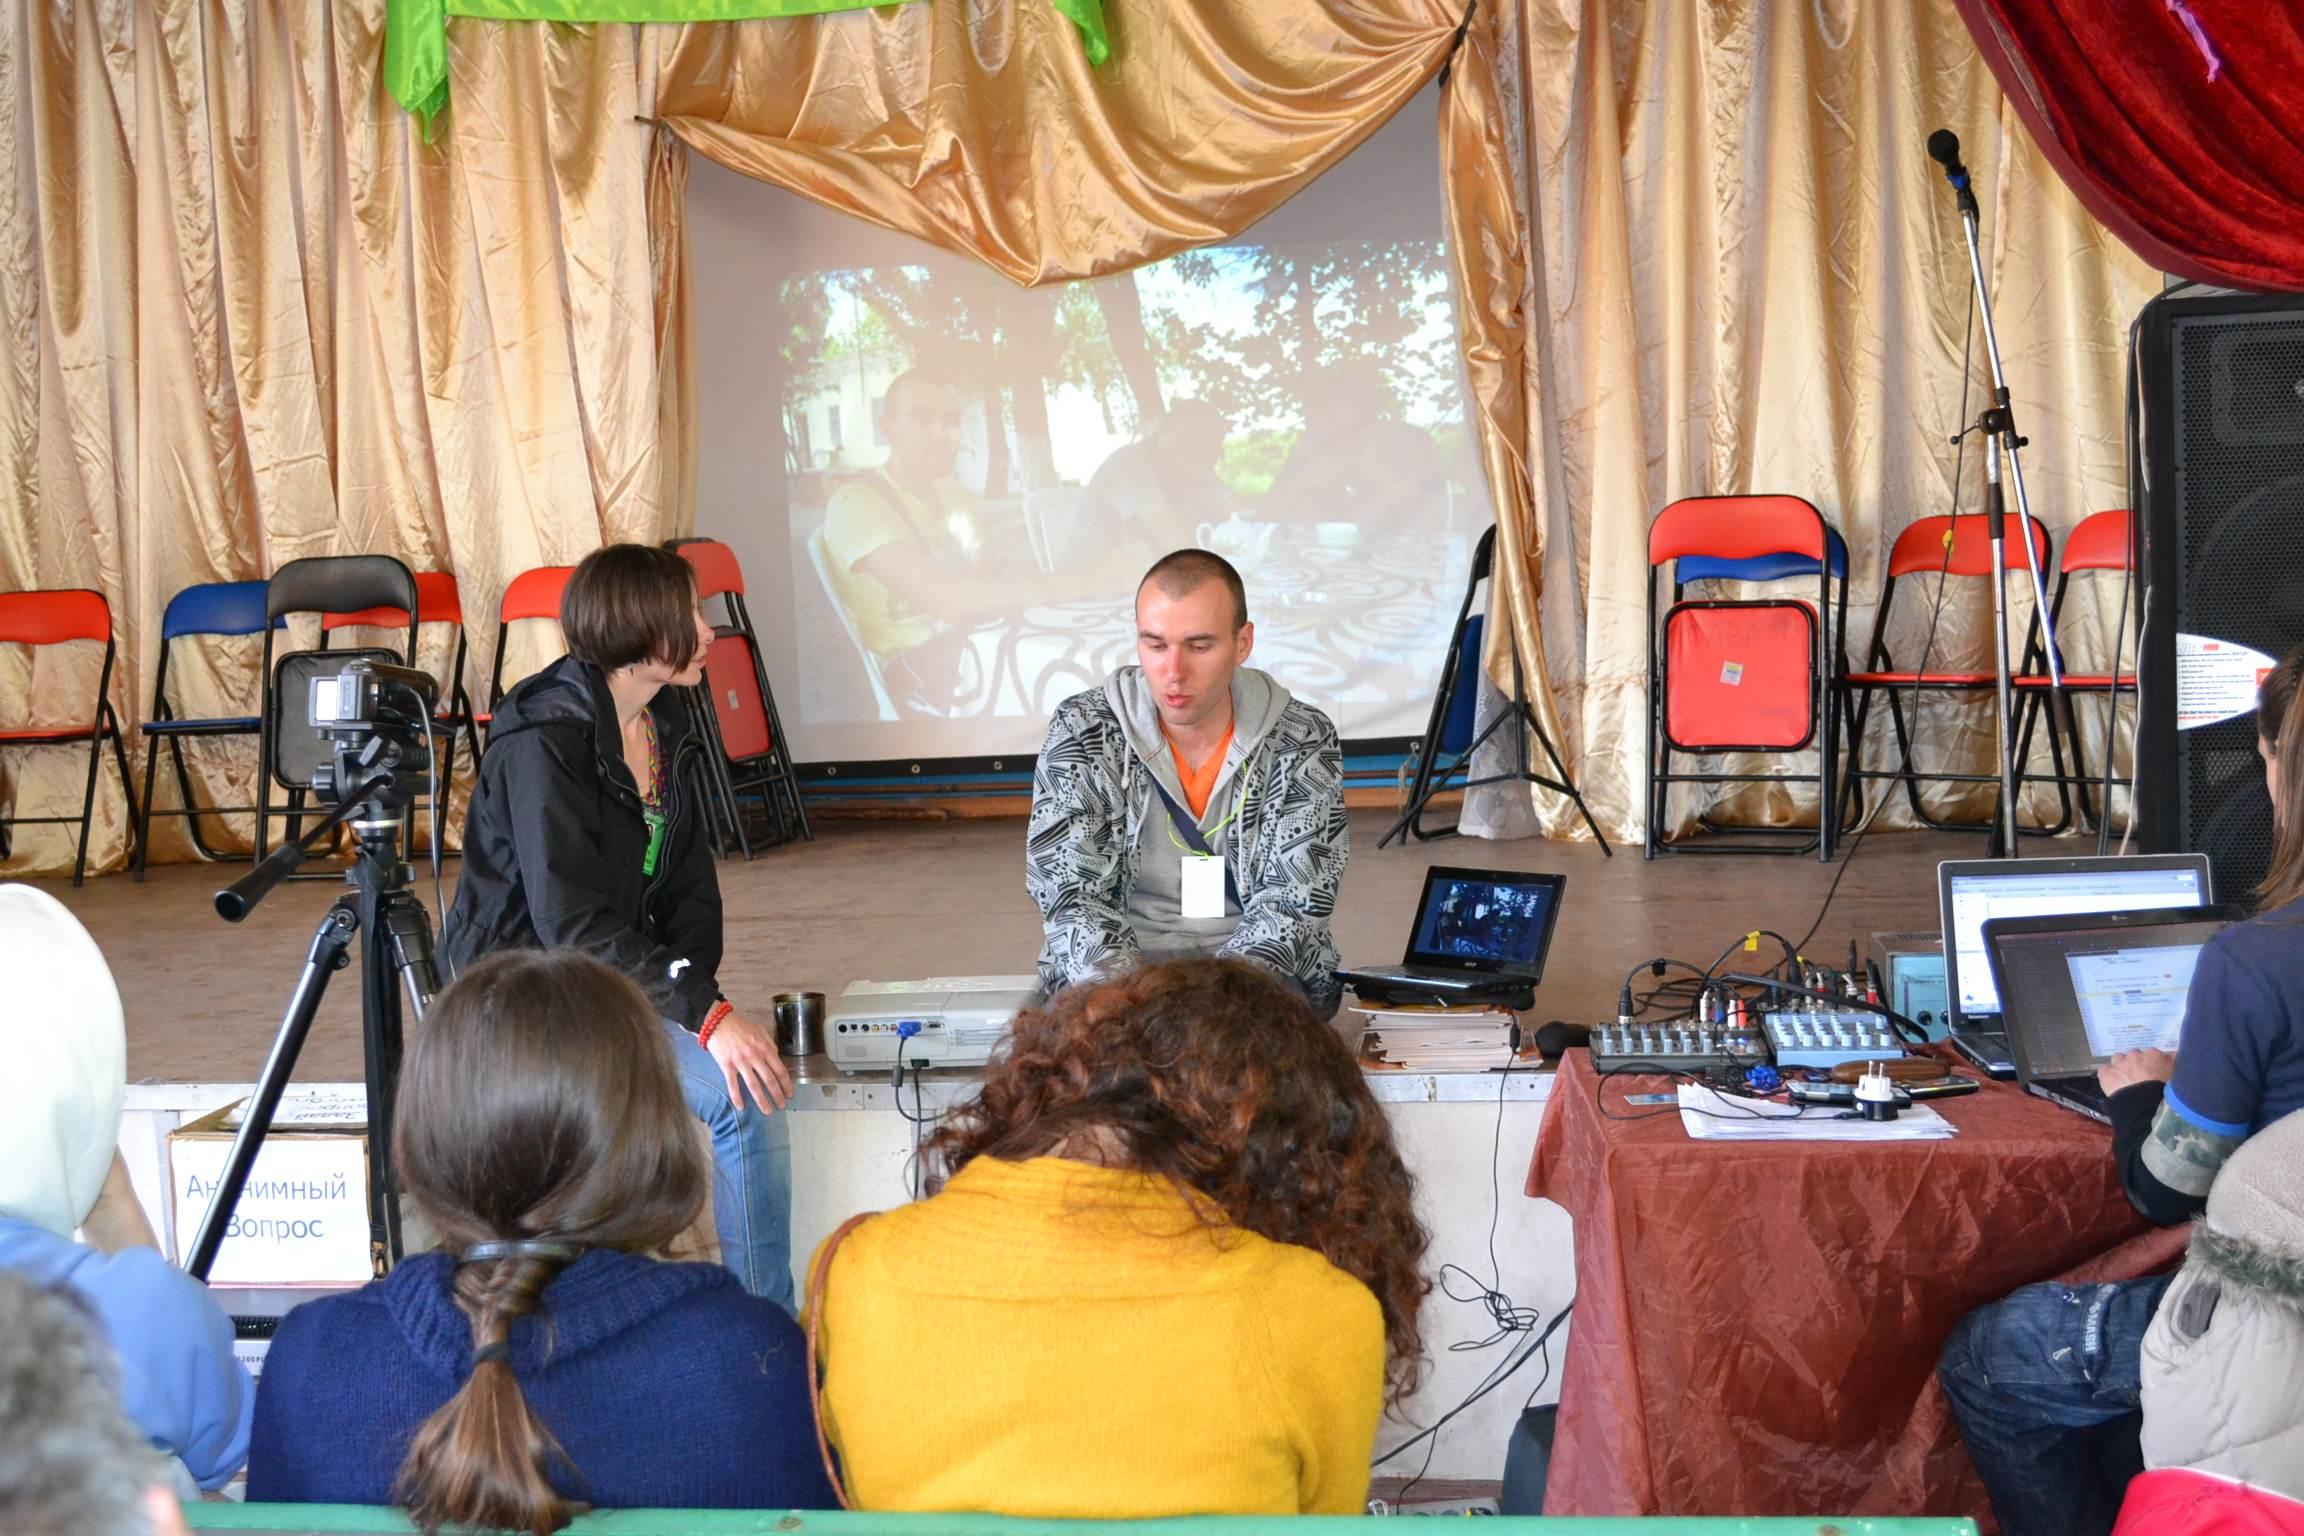 моё выступление. лекция на тему автостопа, рассказываю о путешествиях. фестиваль тавале.